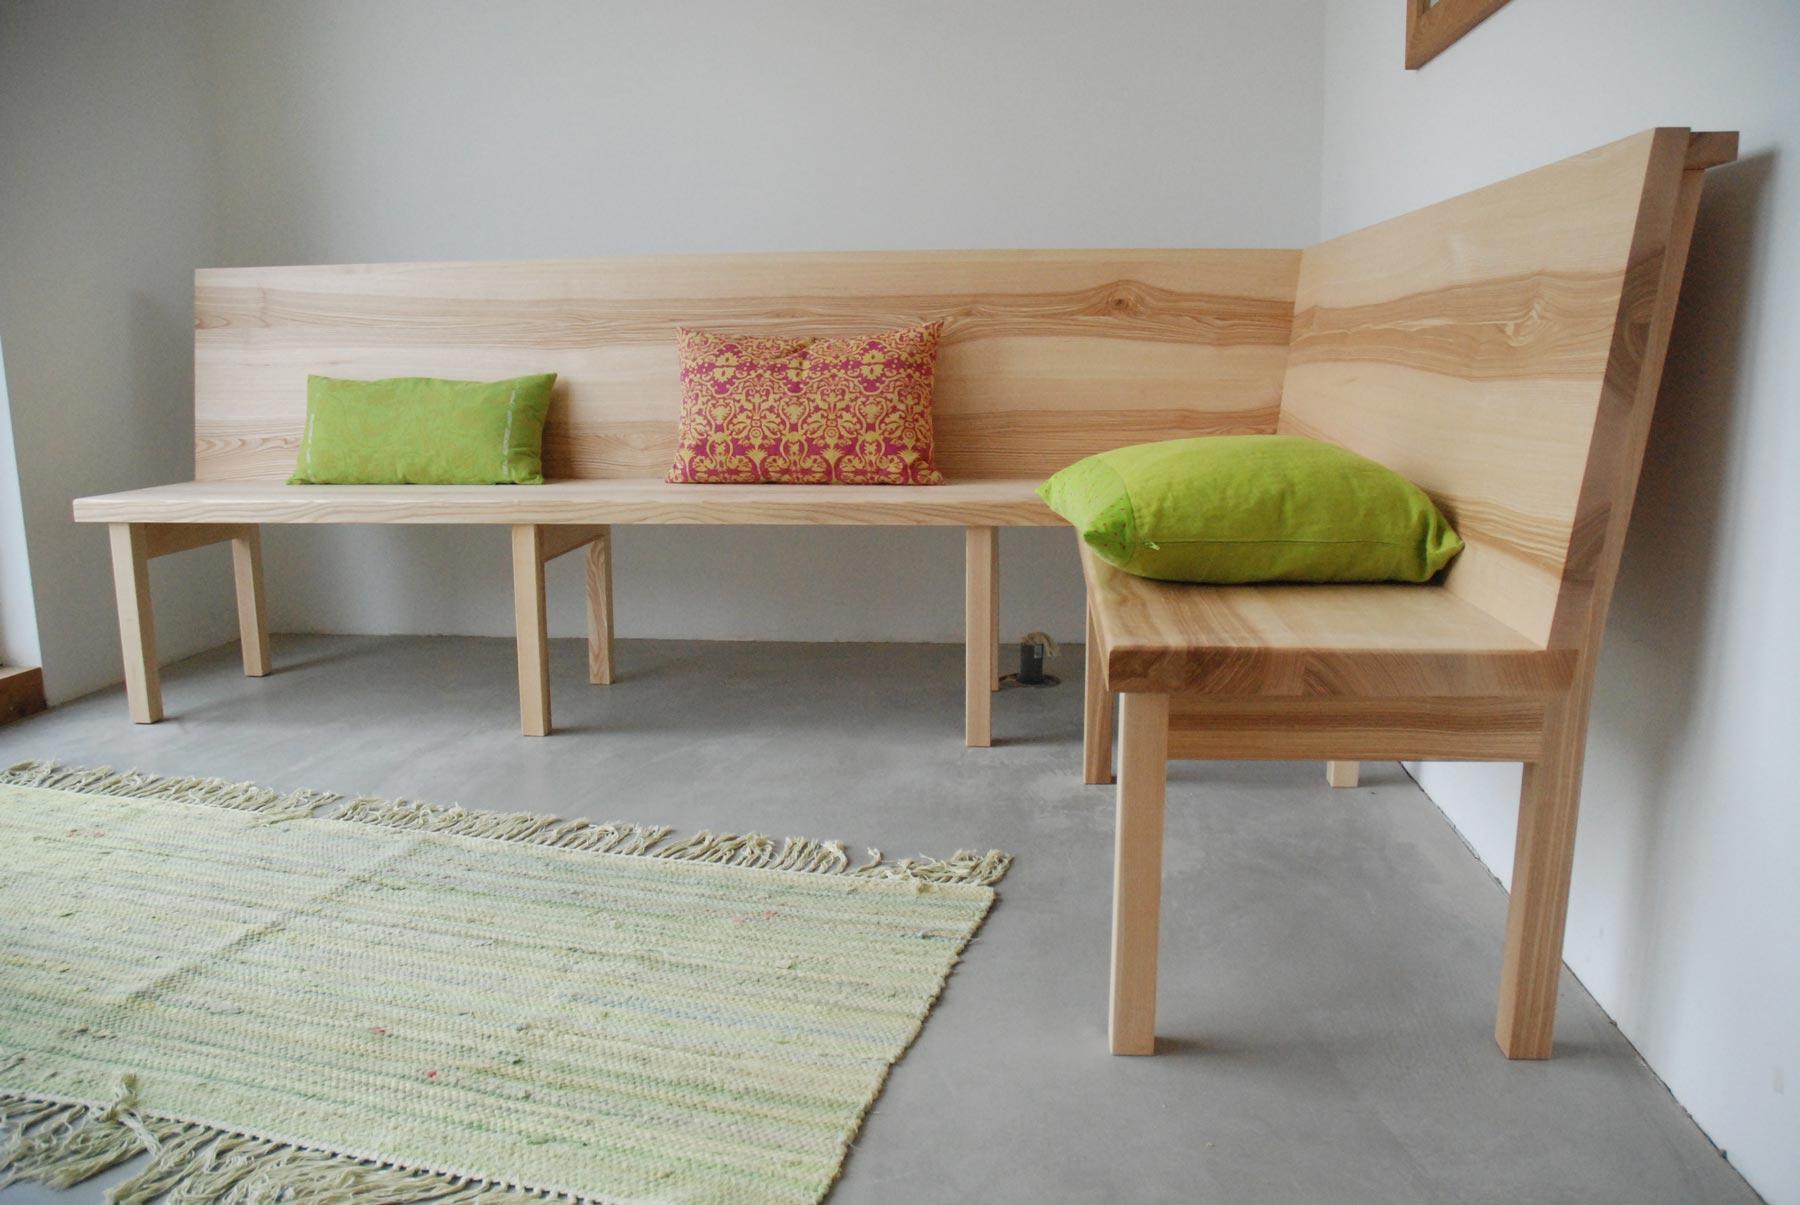 Eckbank massivholz nach maß  Eckbänke massiv und nach Maß für bequemes Sitzen